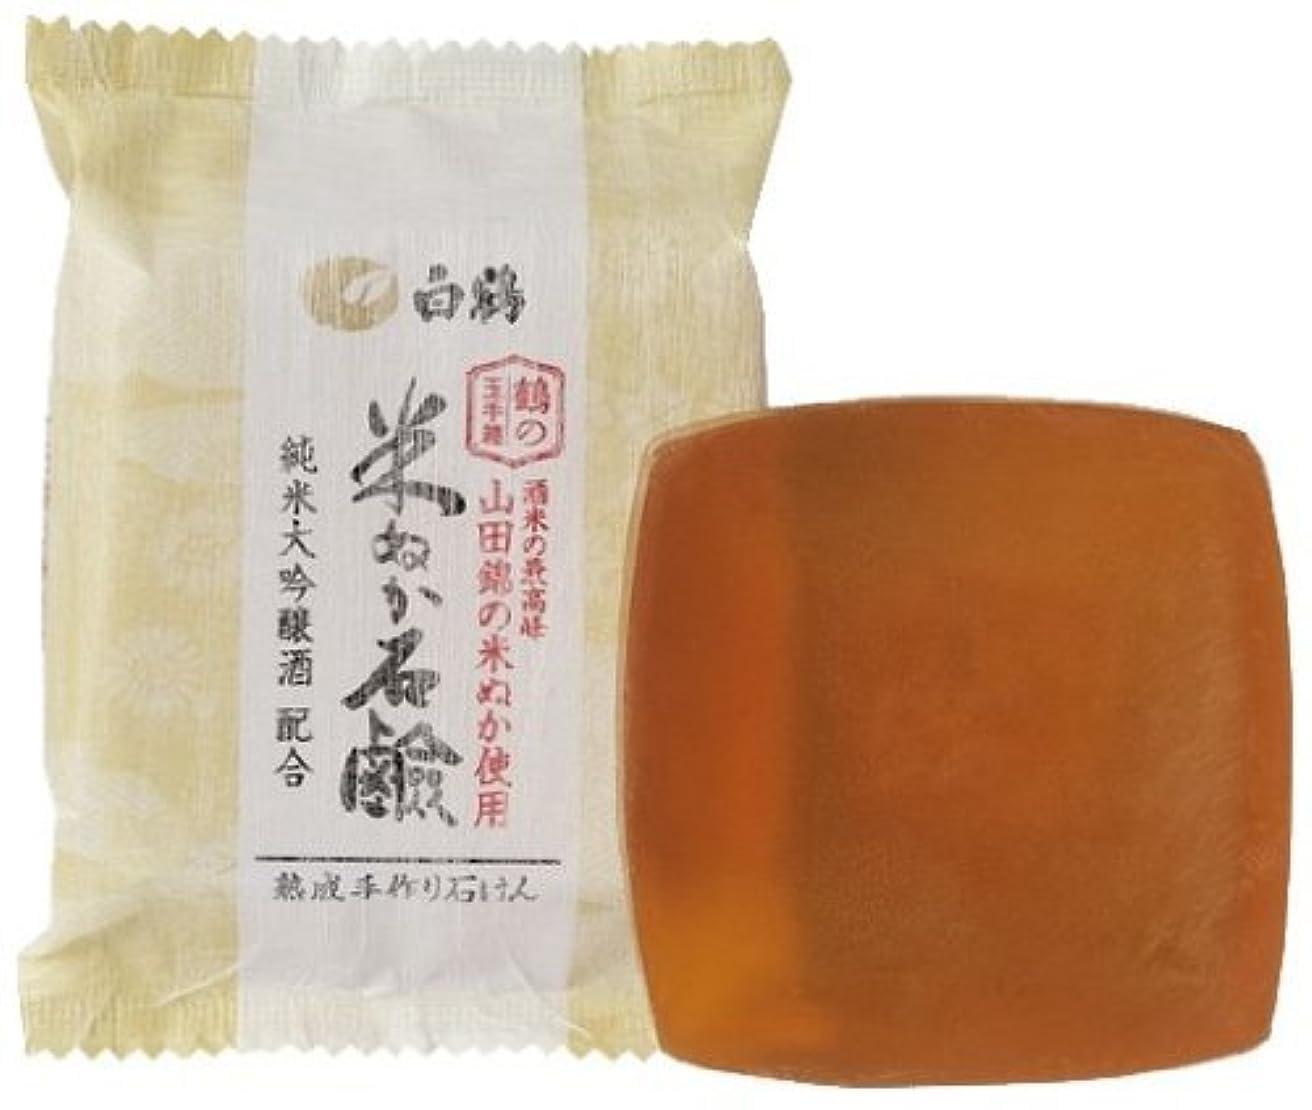 ピストル大臣料理白鶴 鶴の玉手箱 米ぬか石けん 100g × 3個 (純米大吟醸 山田錦の米ぬか配合)